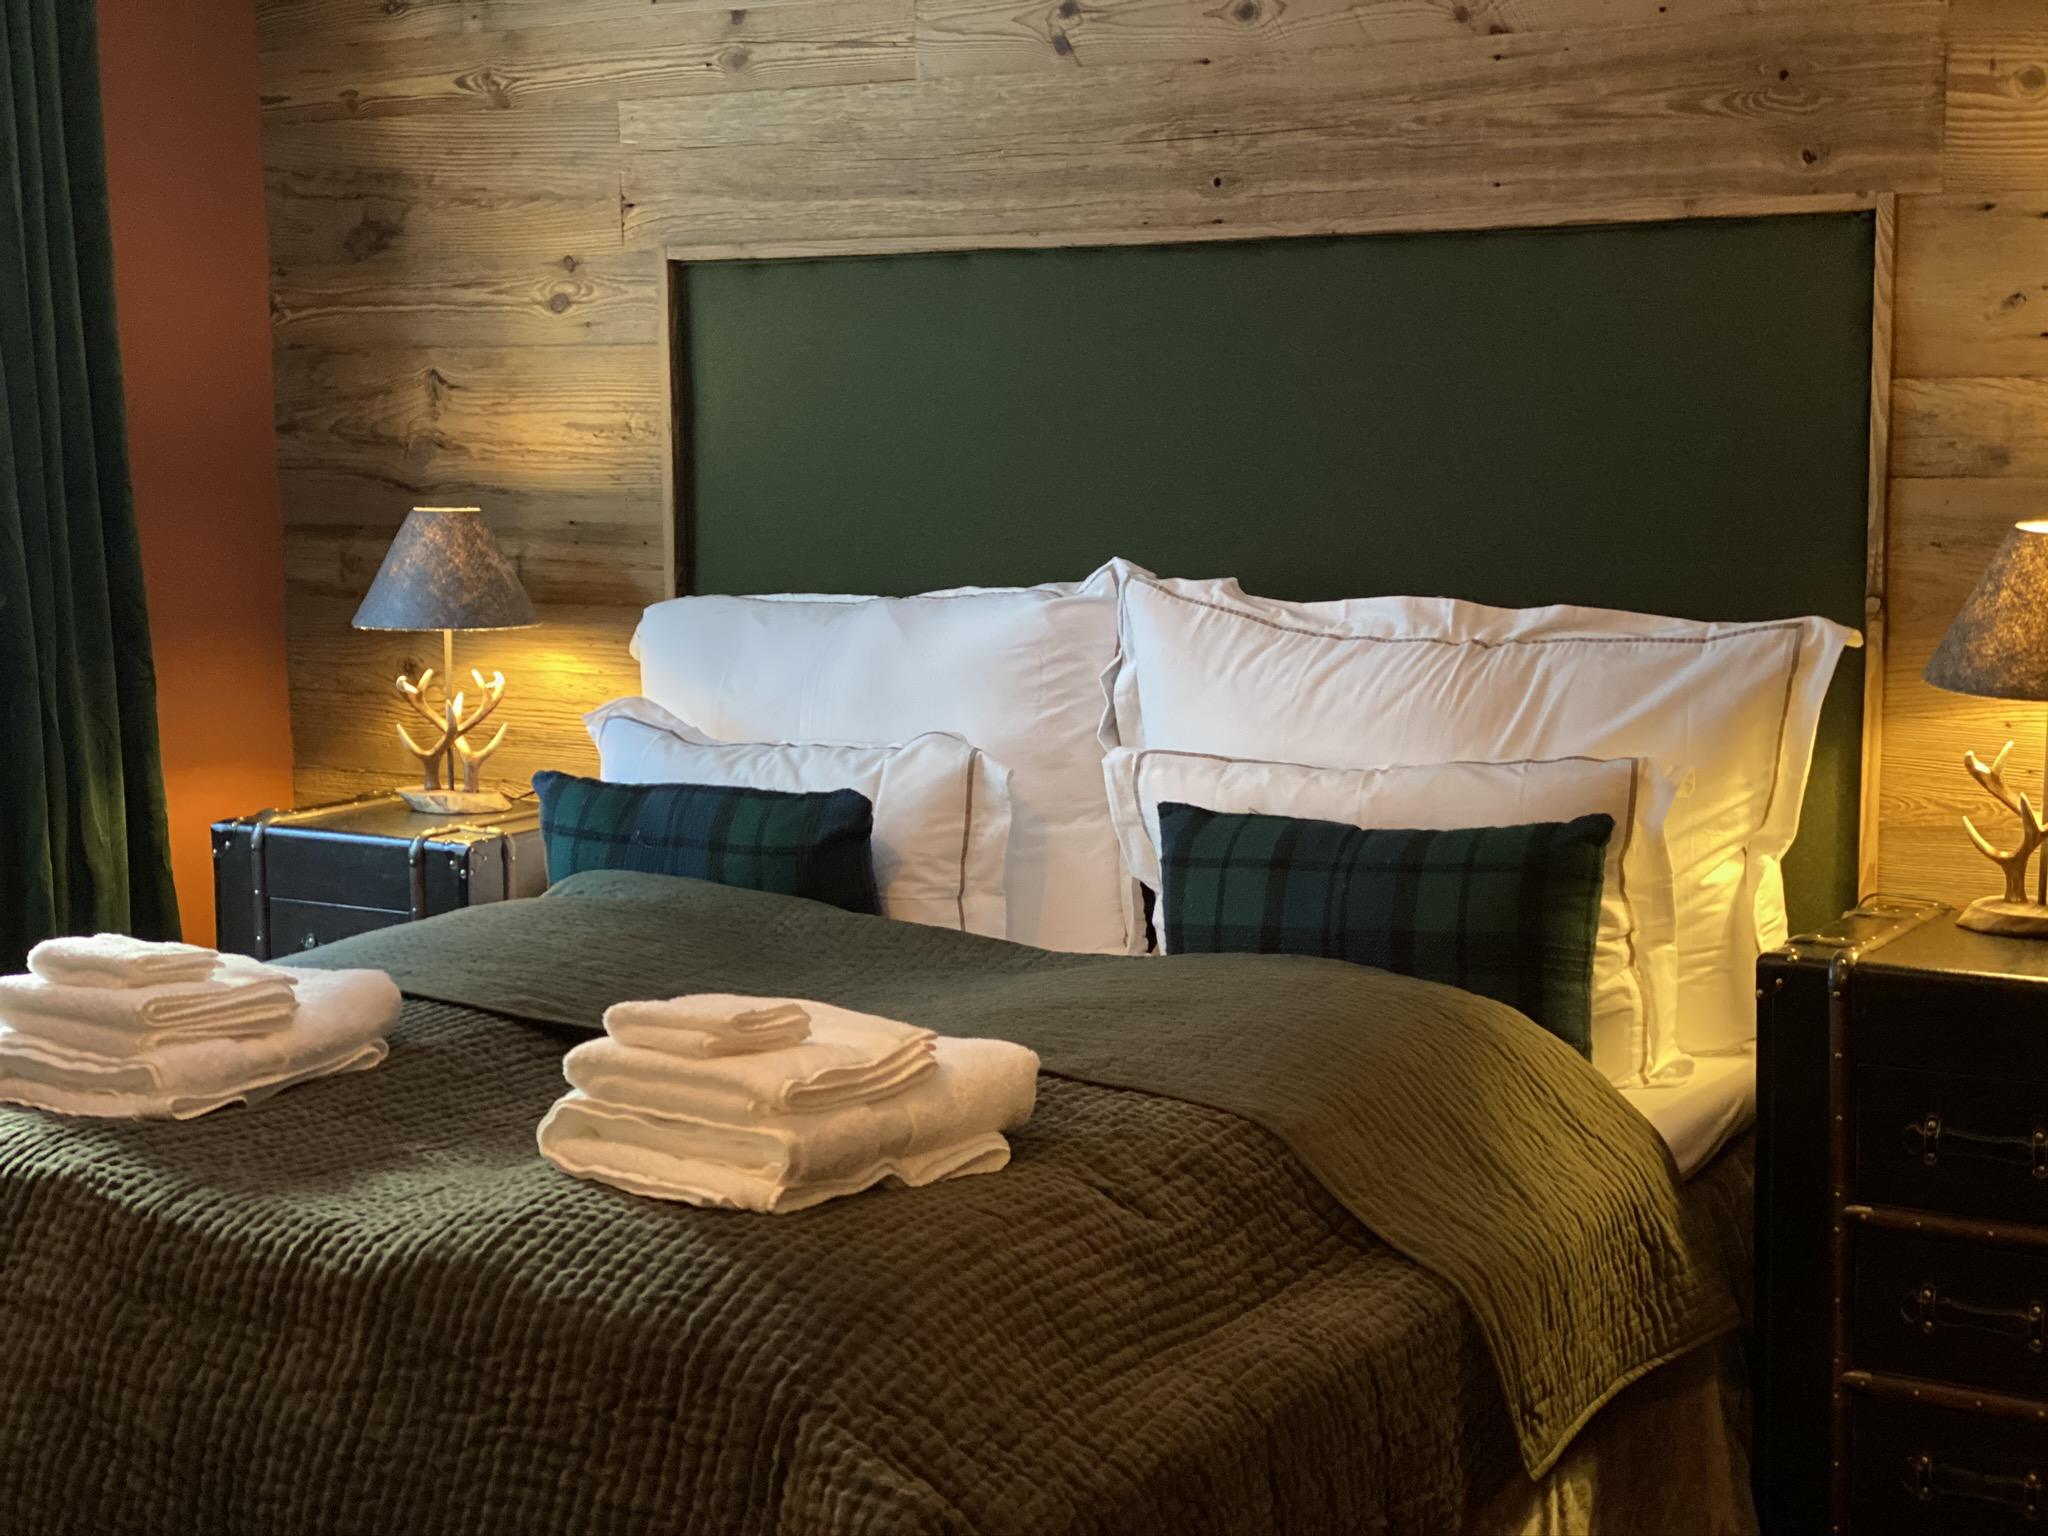 Amundsen Suite - 85 sq.m., 2 bedroom, 6 people, first floor